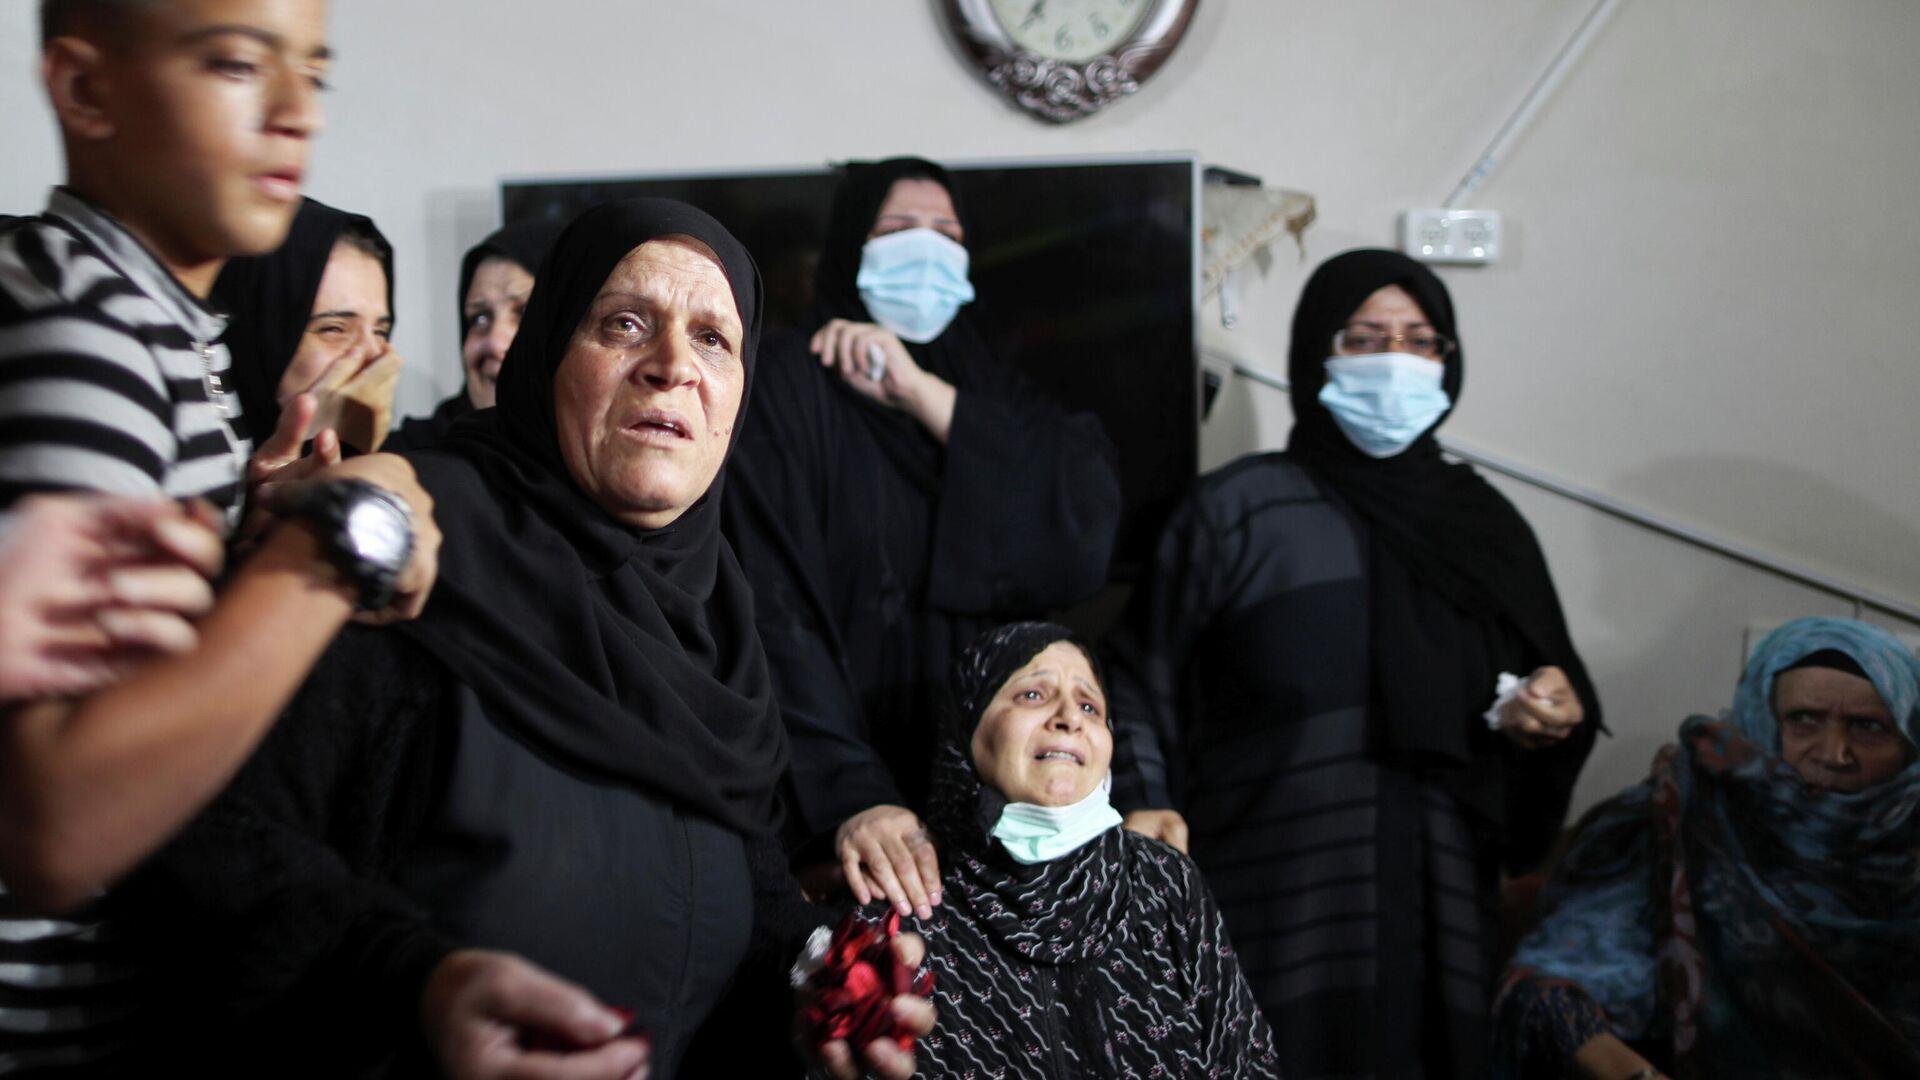 Verwandte von Ahmed Saleh, der durch israelische Truppen im Gazastreifen getötet wurde. - SNA, 1920, 03.09.2021